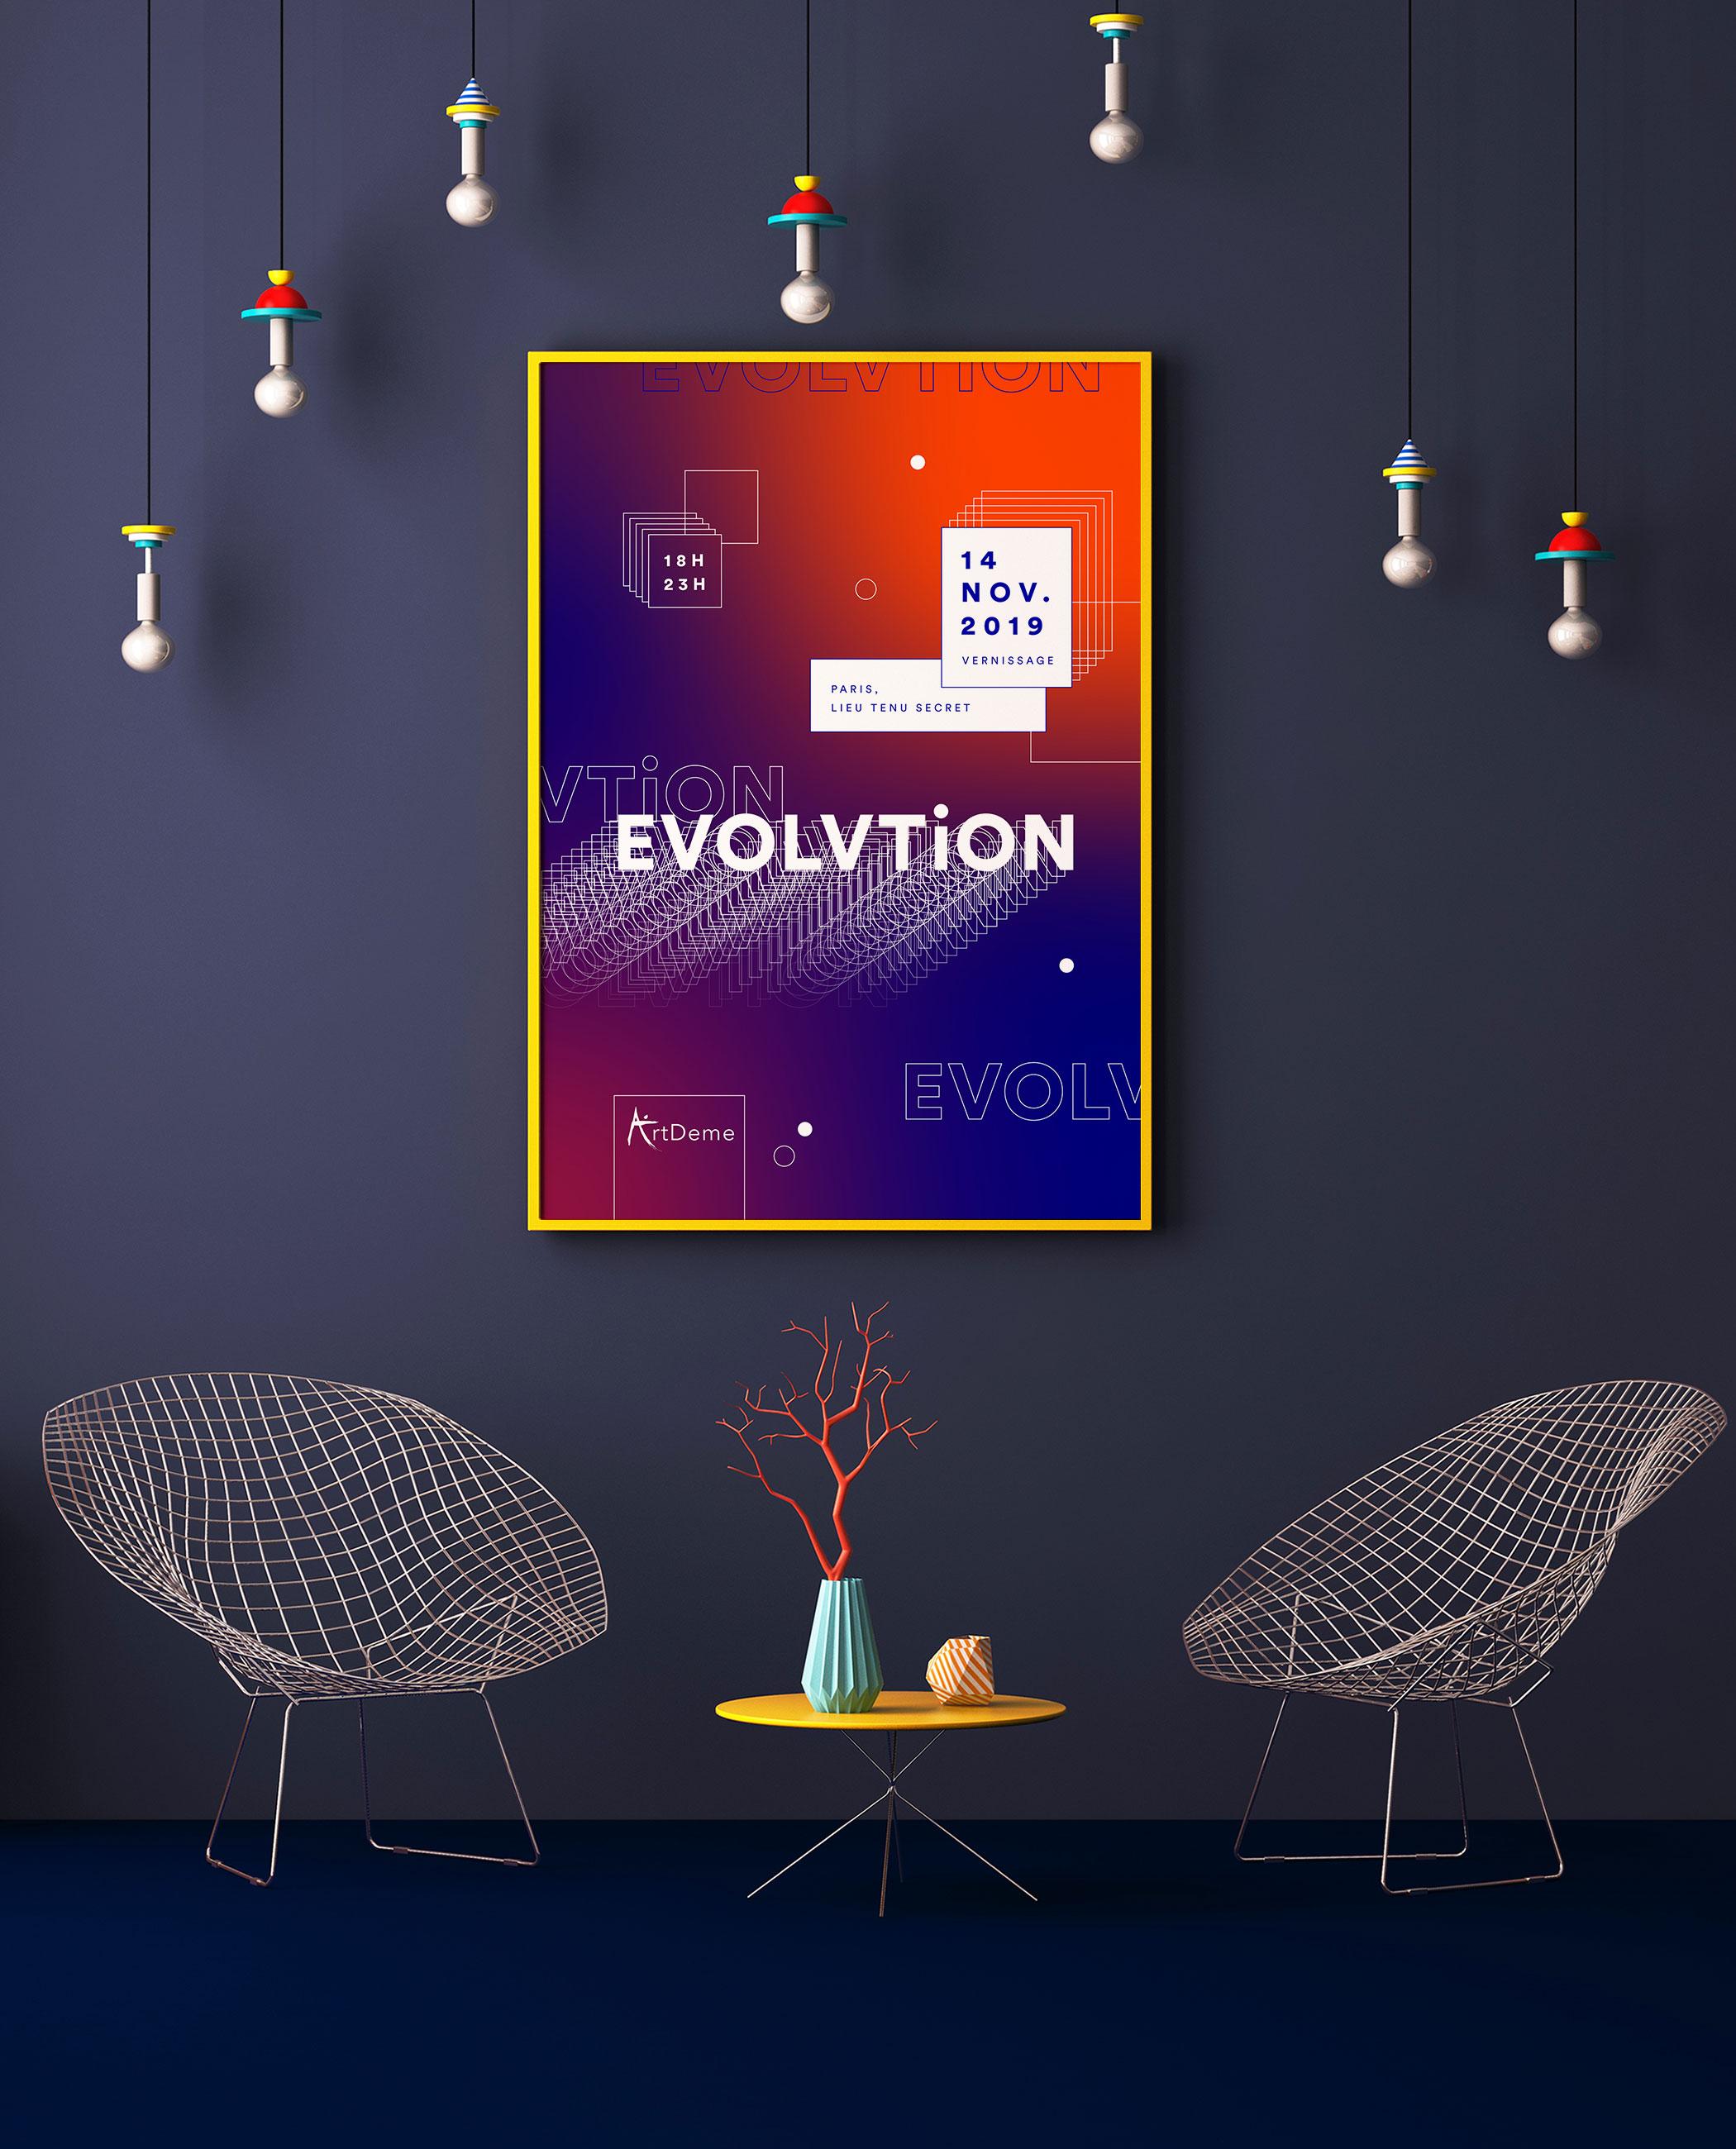 ArtDeme affiche 2